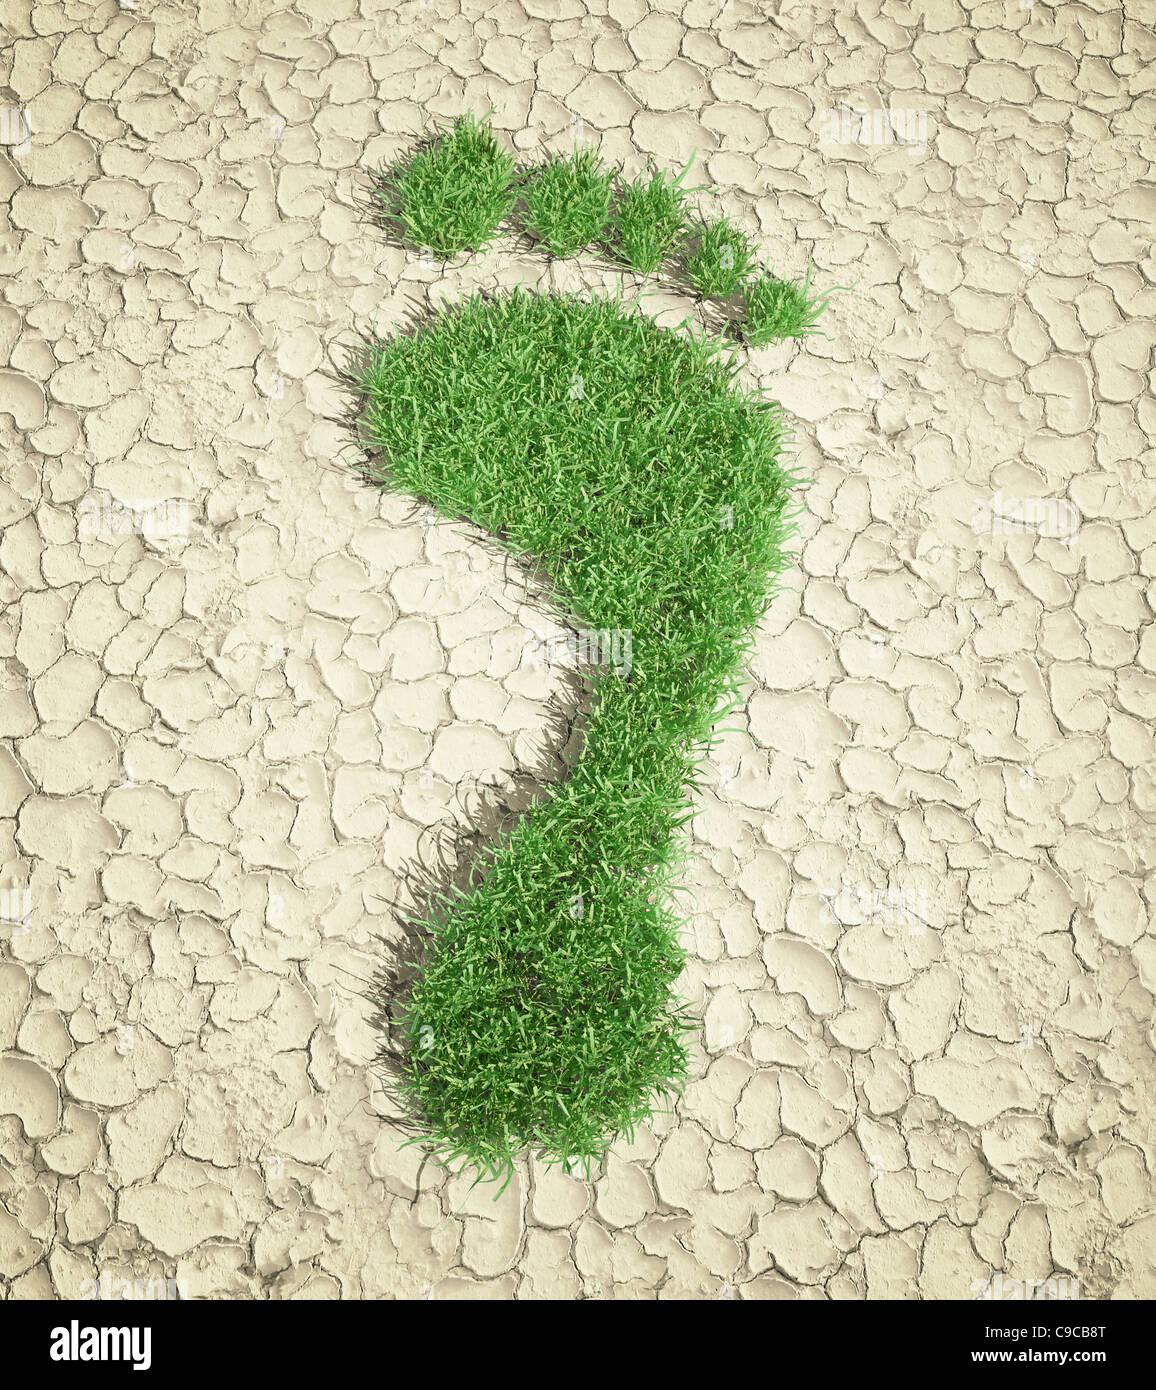 Impronta ecologica concetto illustrazione - erba footprint di patch Foto Stock